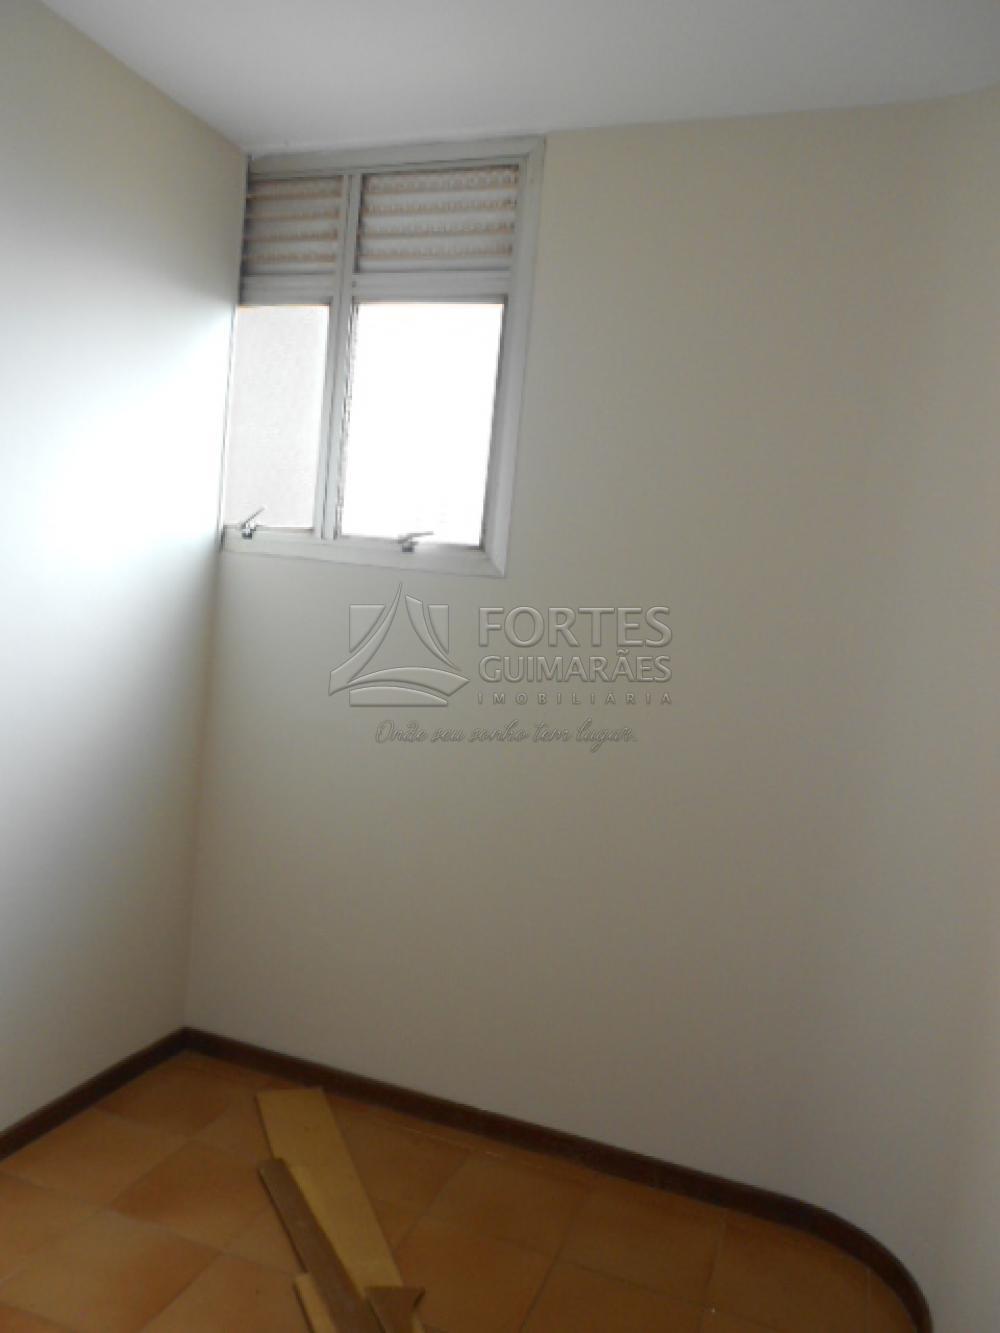 Alugar Apartamentos / Padrão em Ribeirão Preto apenas R$ 1.500,00 - Foto 72